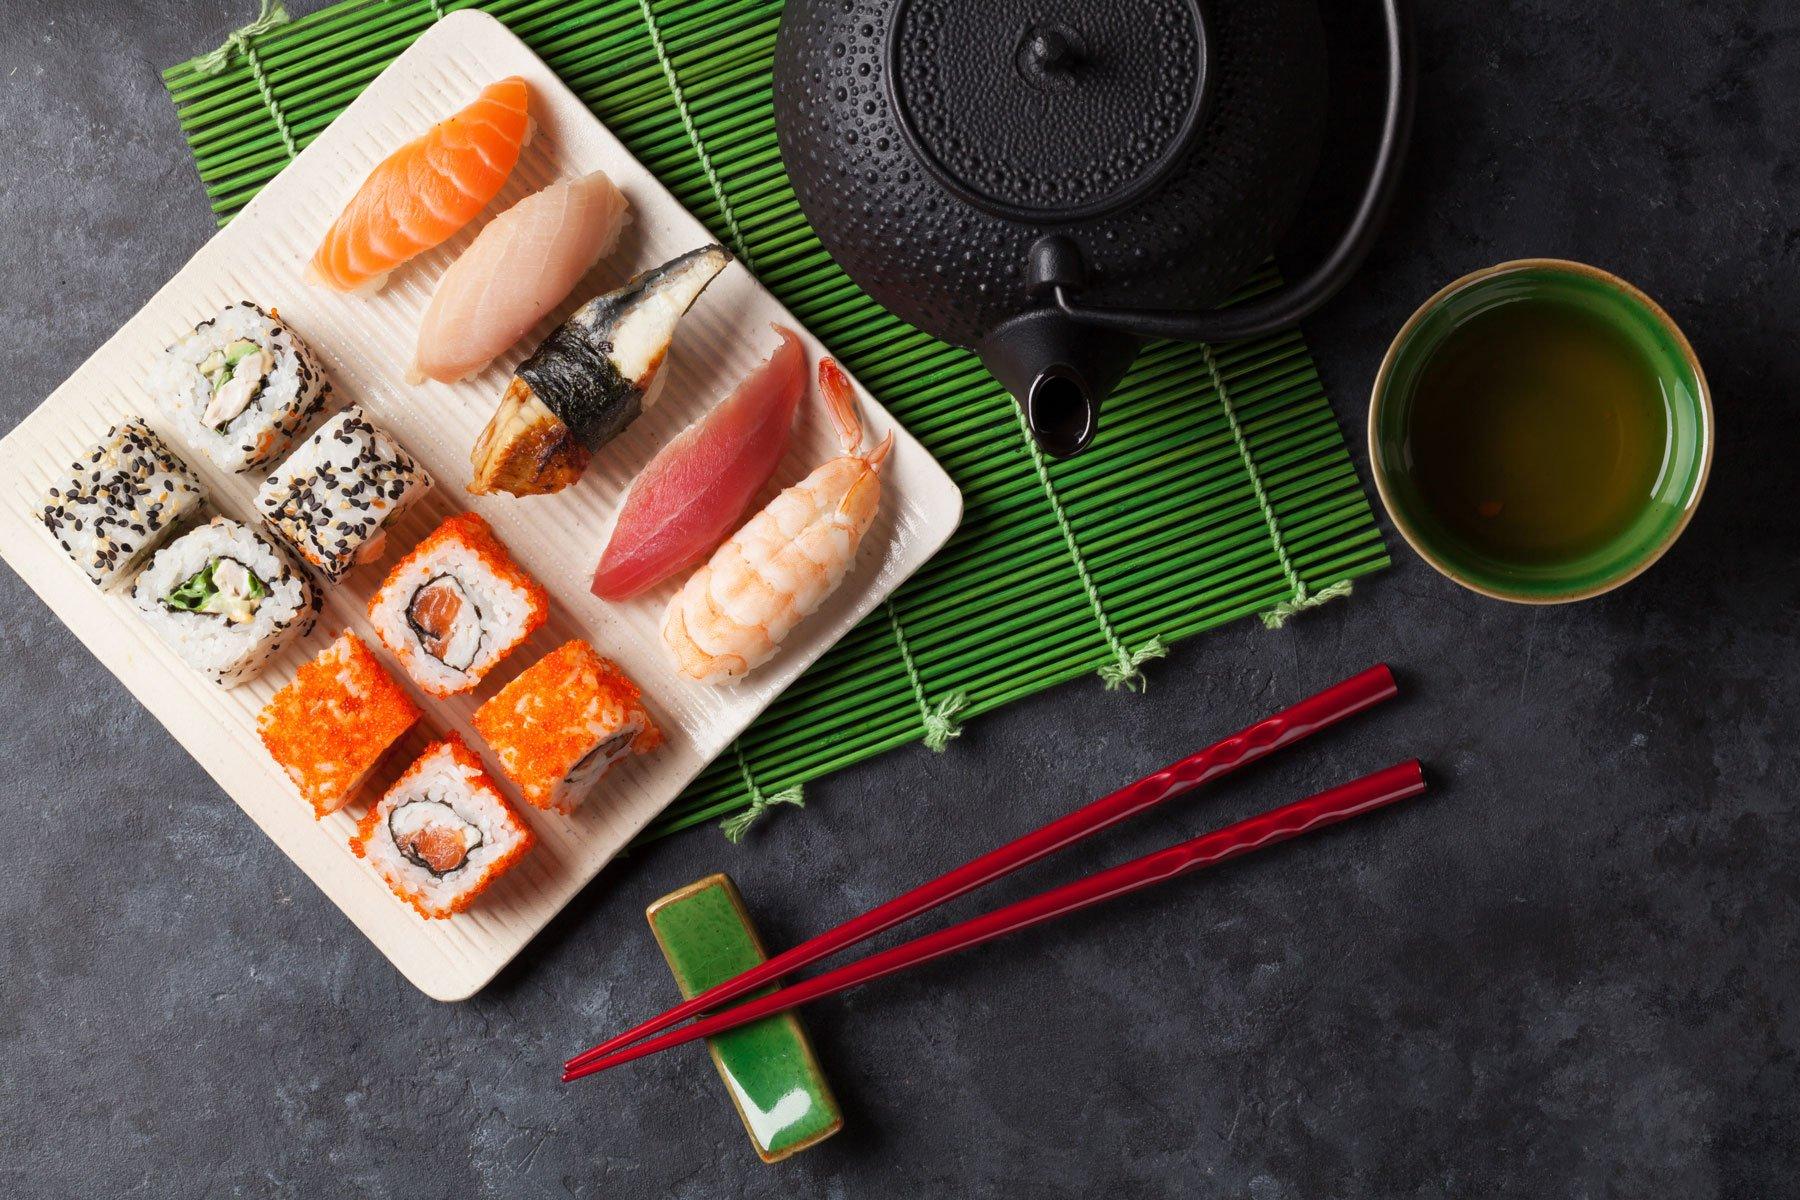 un piatto di sushi, delle bacchette rosse una ciotola di tè verde e ujna teiera, il tutto su una tovaglietta verde di bambù